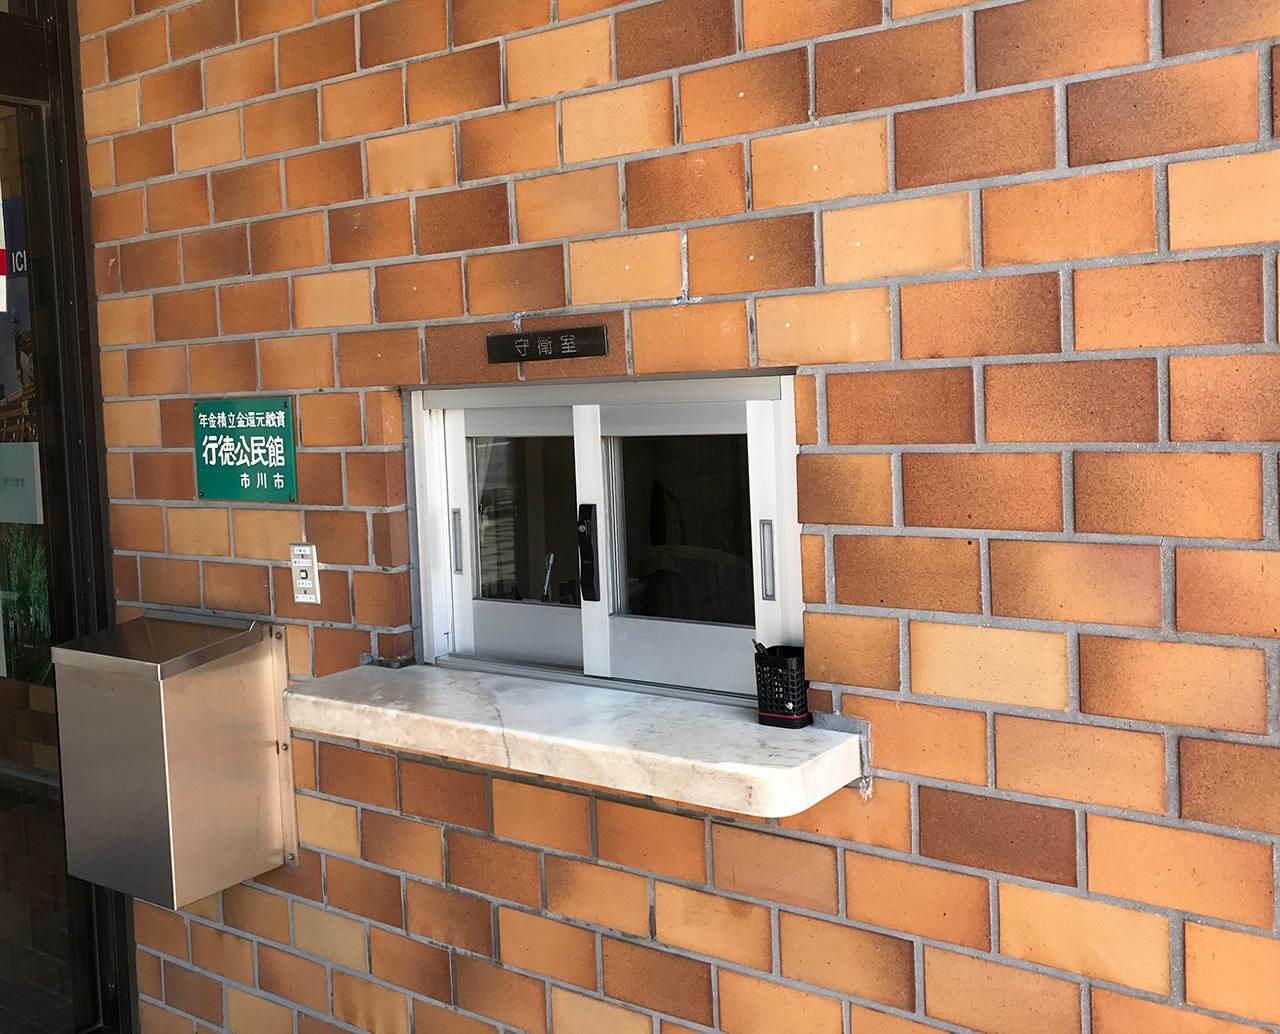 行徳支所の守衛室の写真